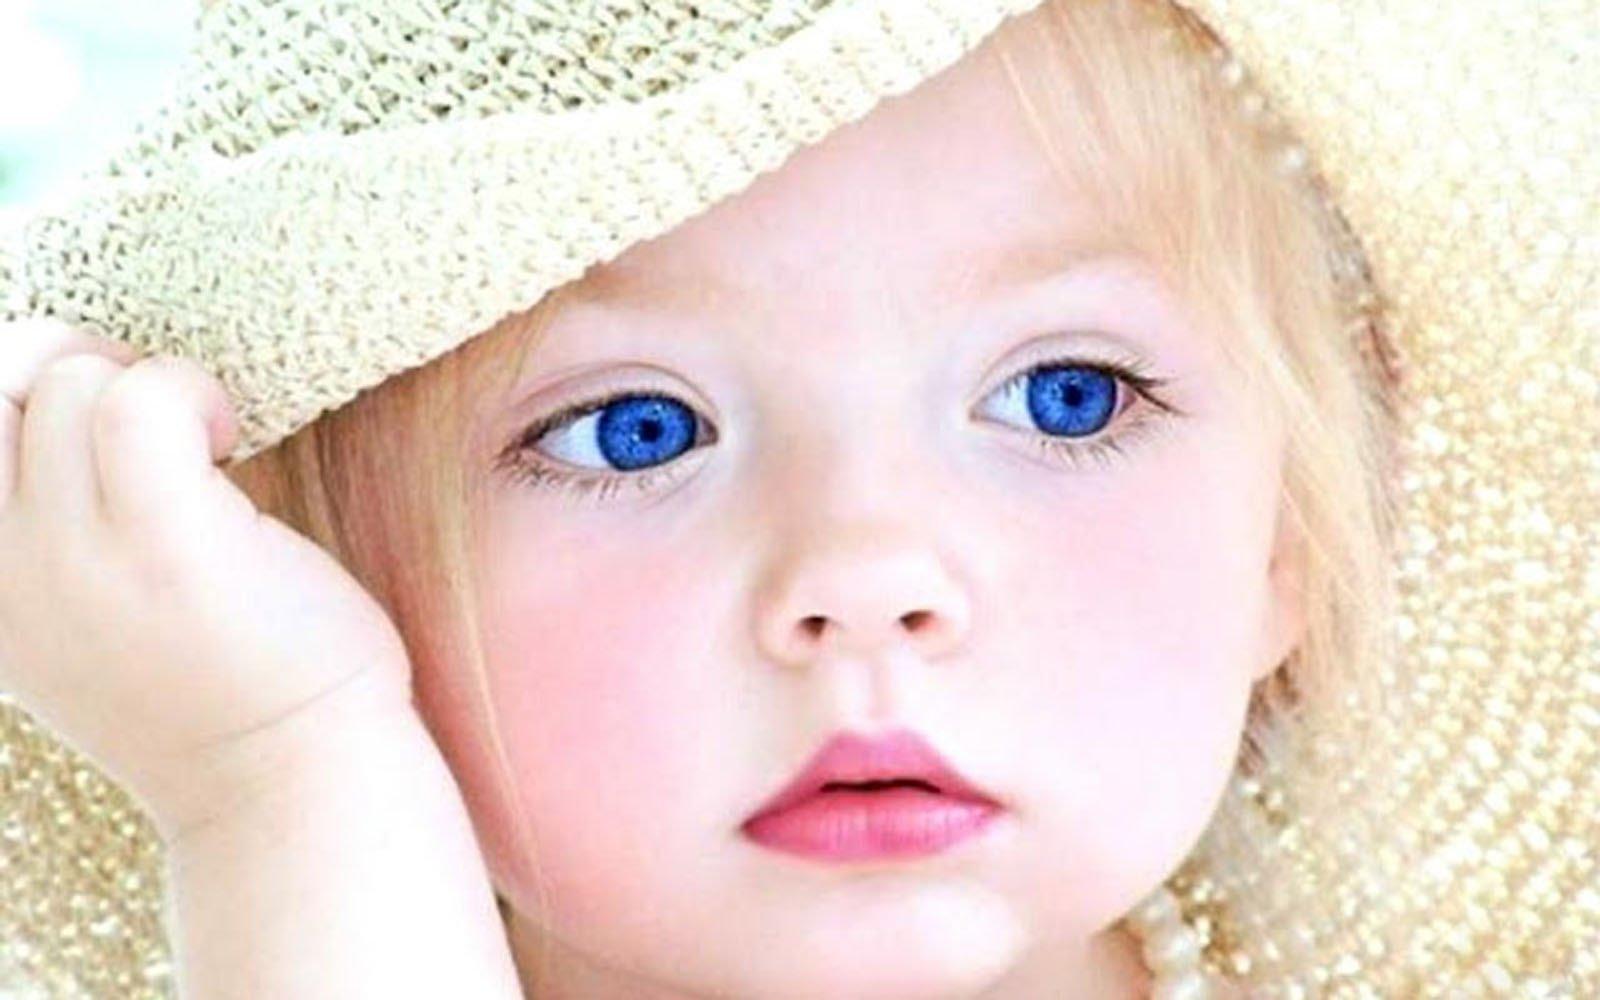 صورة احلى صور اطفال في العالم , اطفال في قمة الروعة باجمل الصور